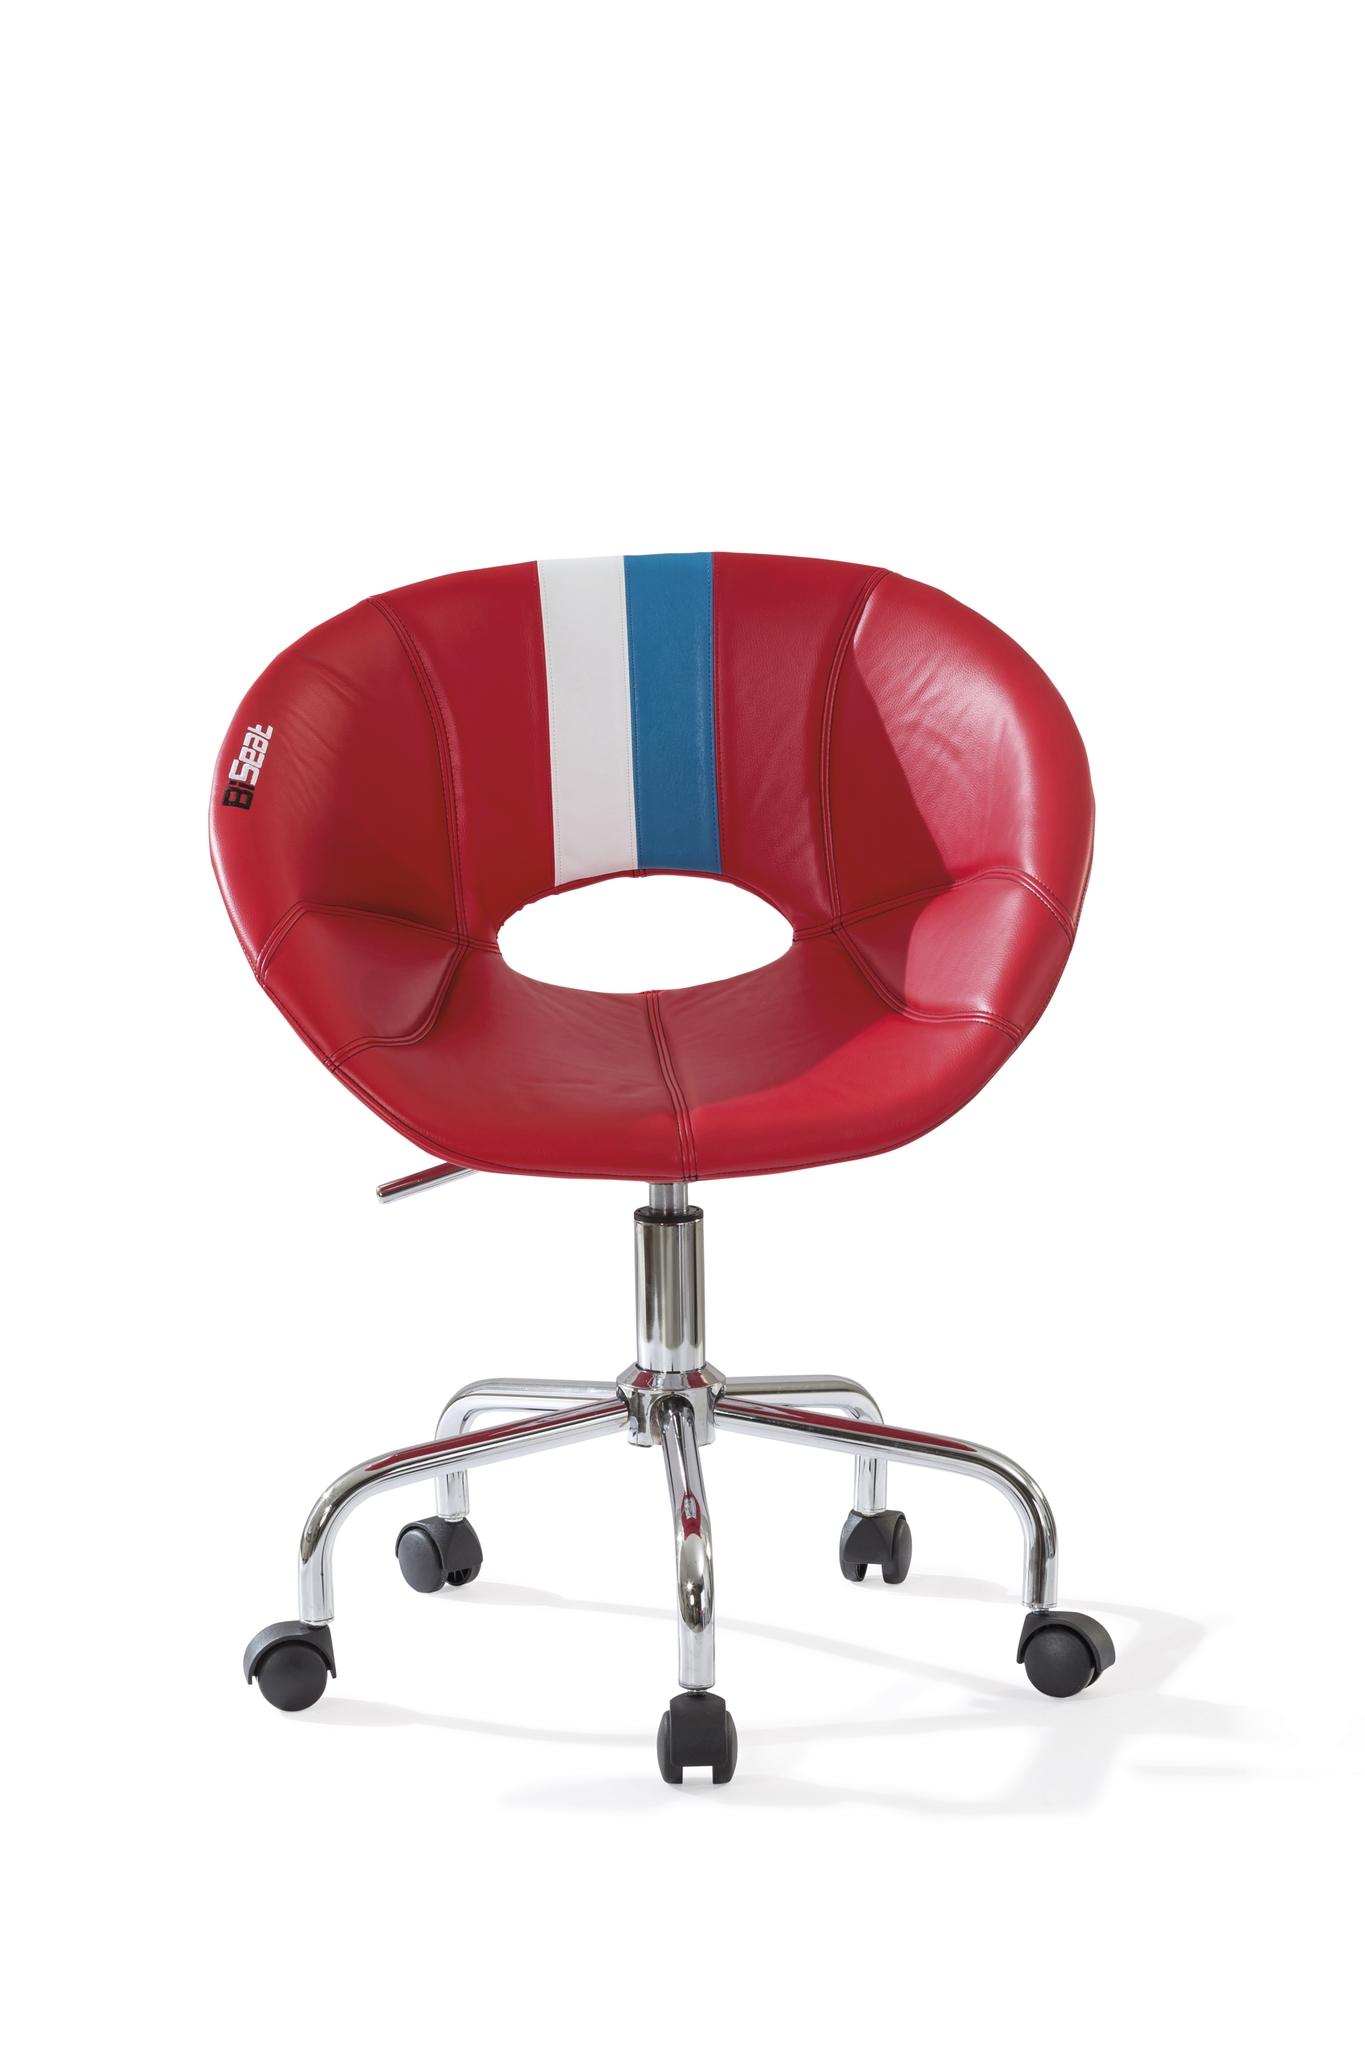 Scaun de birou pentru copii, tapitat cu piele ecologica Biseat Red, l61xA56xH76-83 cm imagine